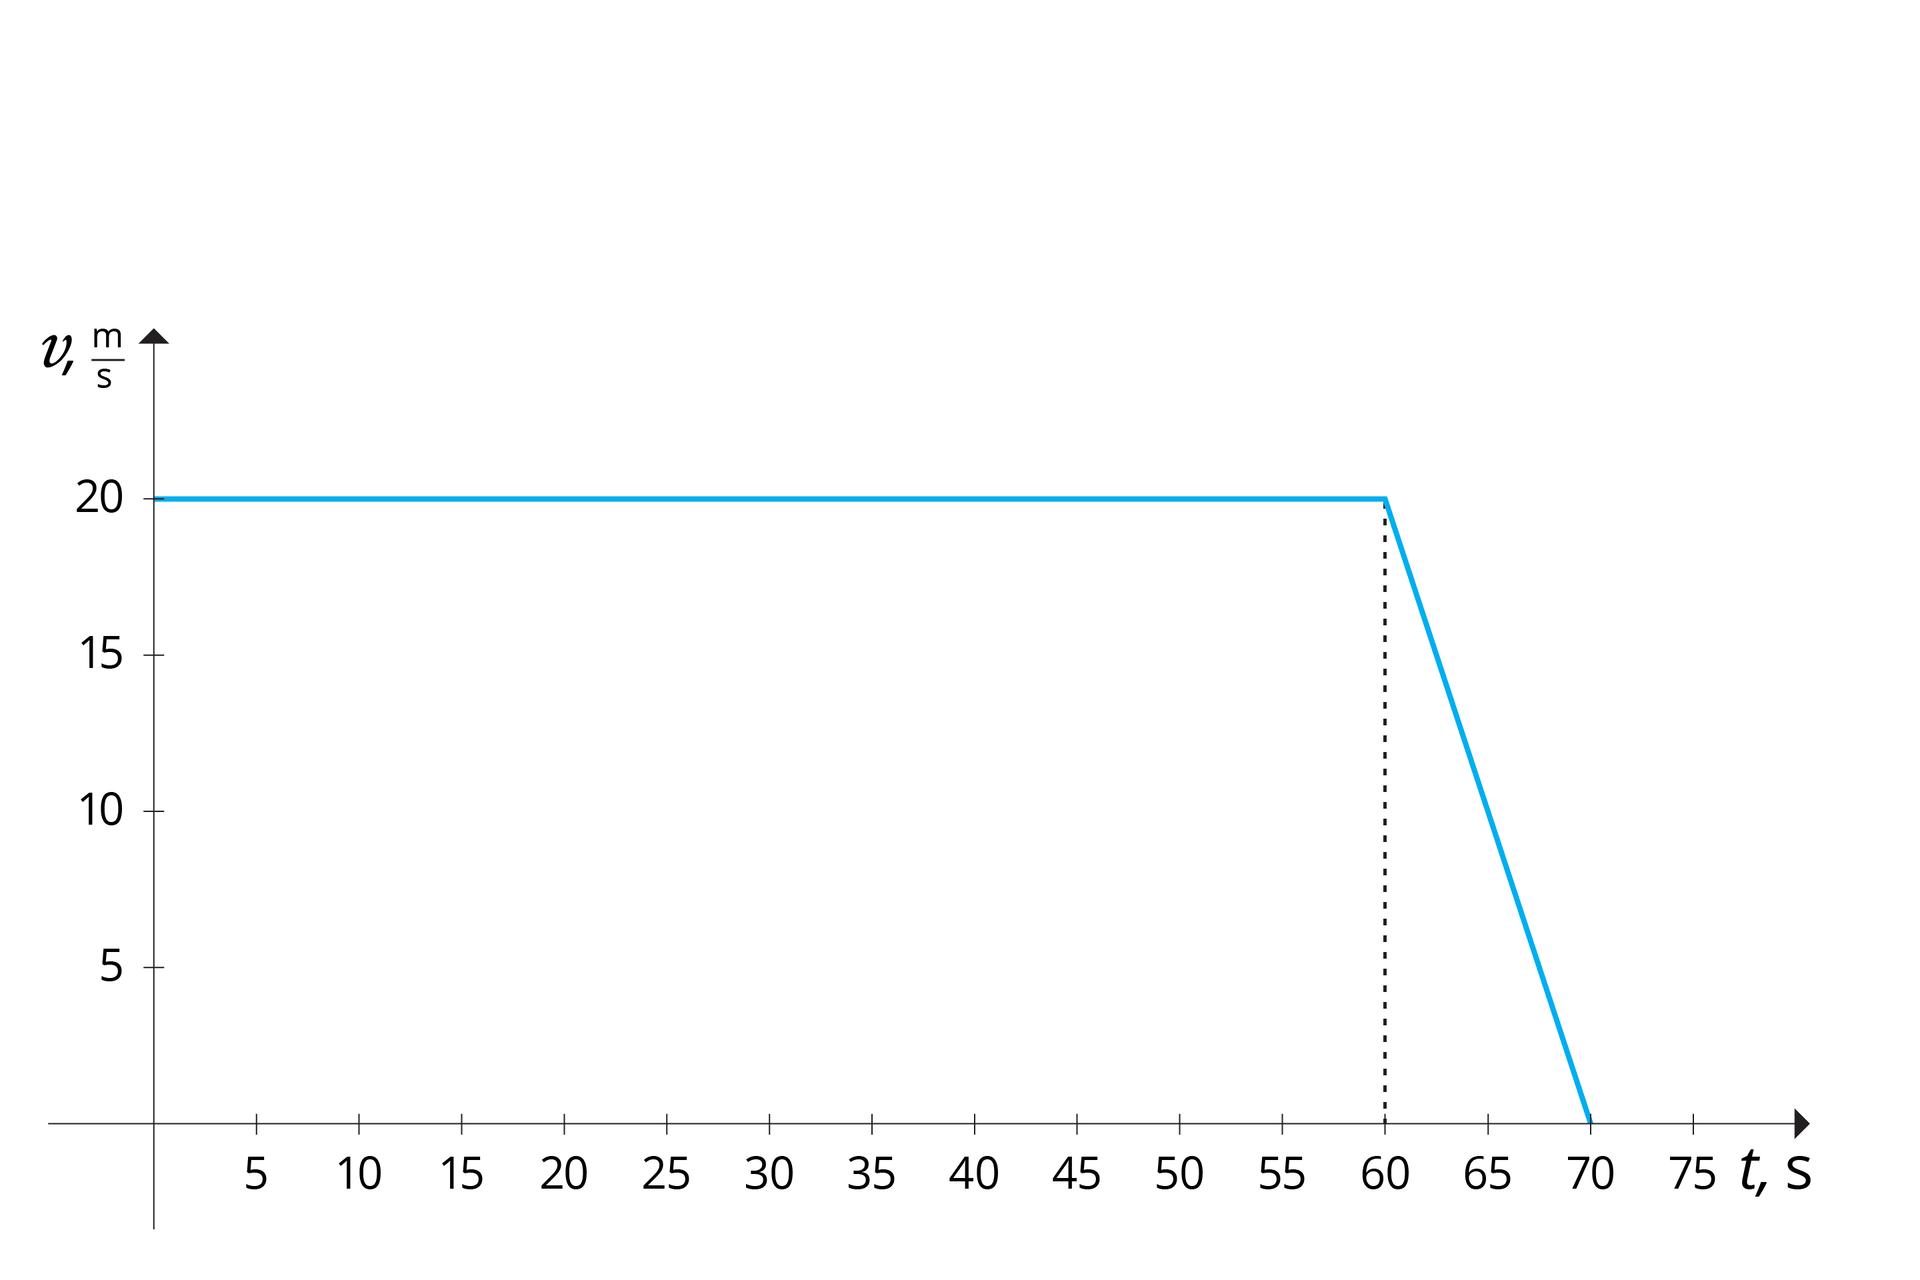 """Schemat przedstawia wykres ruchu złożonego. Tło białe. Osie odciętych od 0 do 75, co 5; opisana """"t, s"""". Oś rzędnych od 0 do 20, co 5; opisana """"v, m/s"""". Wykres składa się zdwóch niebieskich odcinków. Pierwszy: początek (0, 20) ikoniec (60, 20). Drugi: początek (60, 20) ikoniec (70, 0)."""